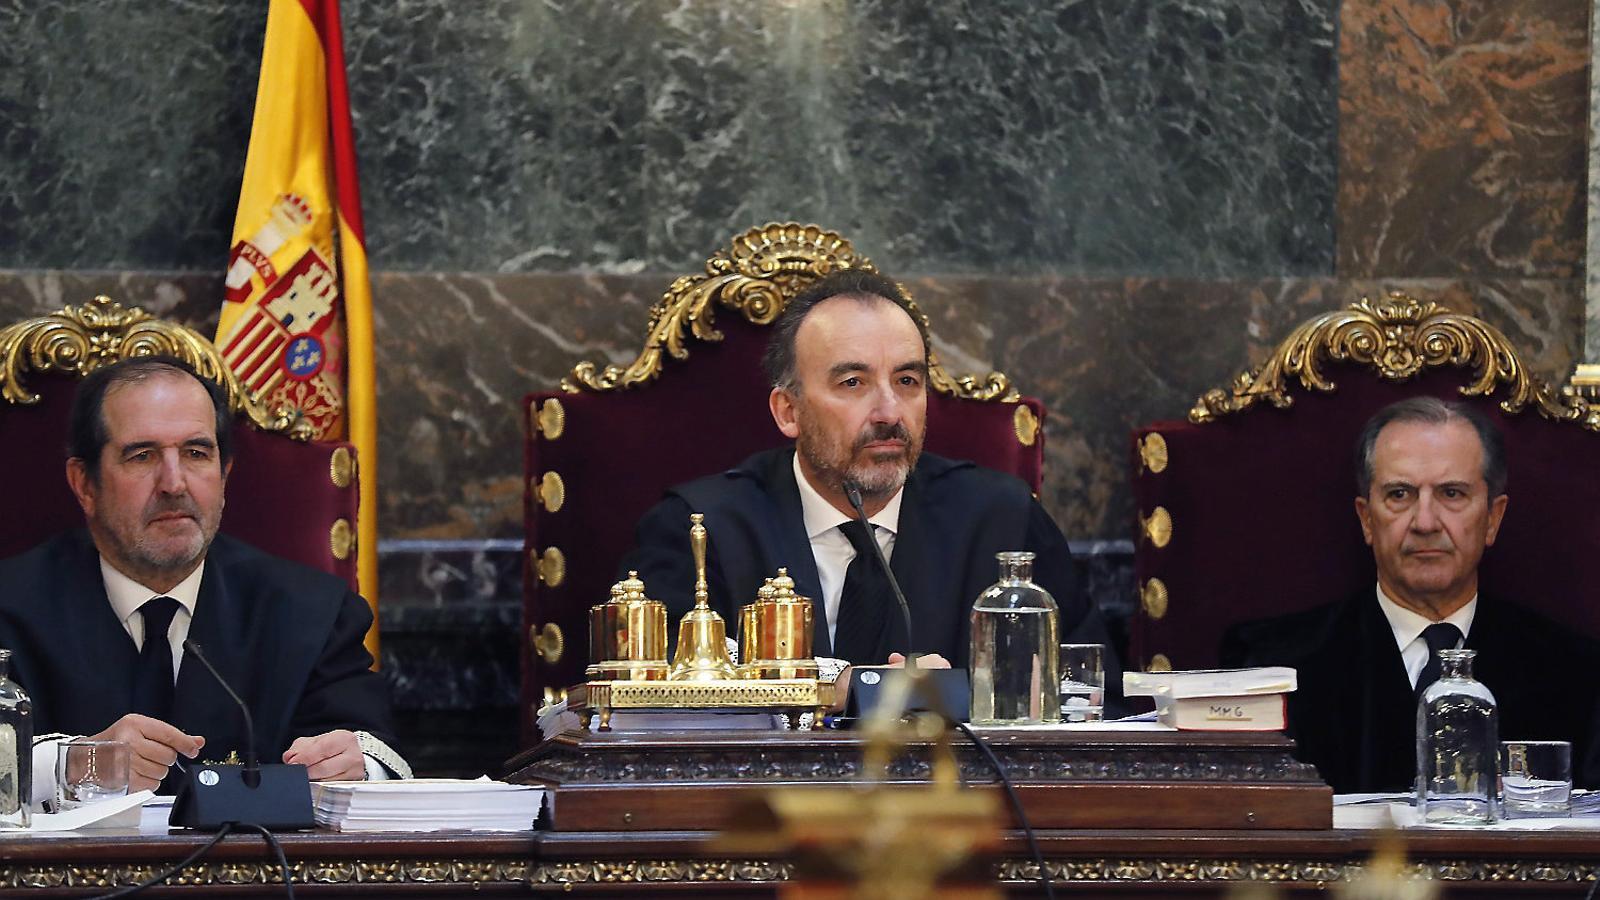 El president del tribunal que jutjarà l'1-O, Manuel Marchena, en una imatge d'arxiu.